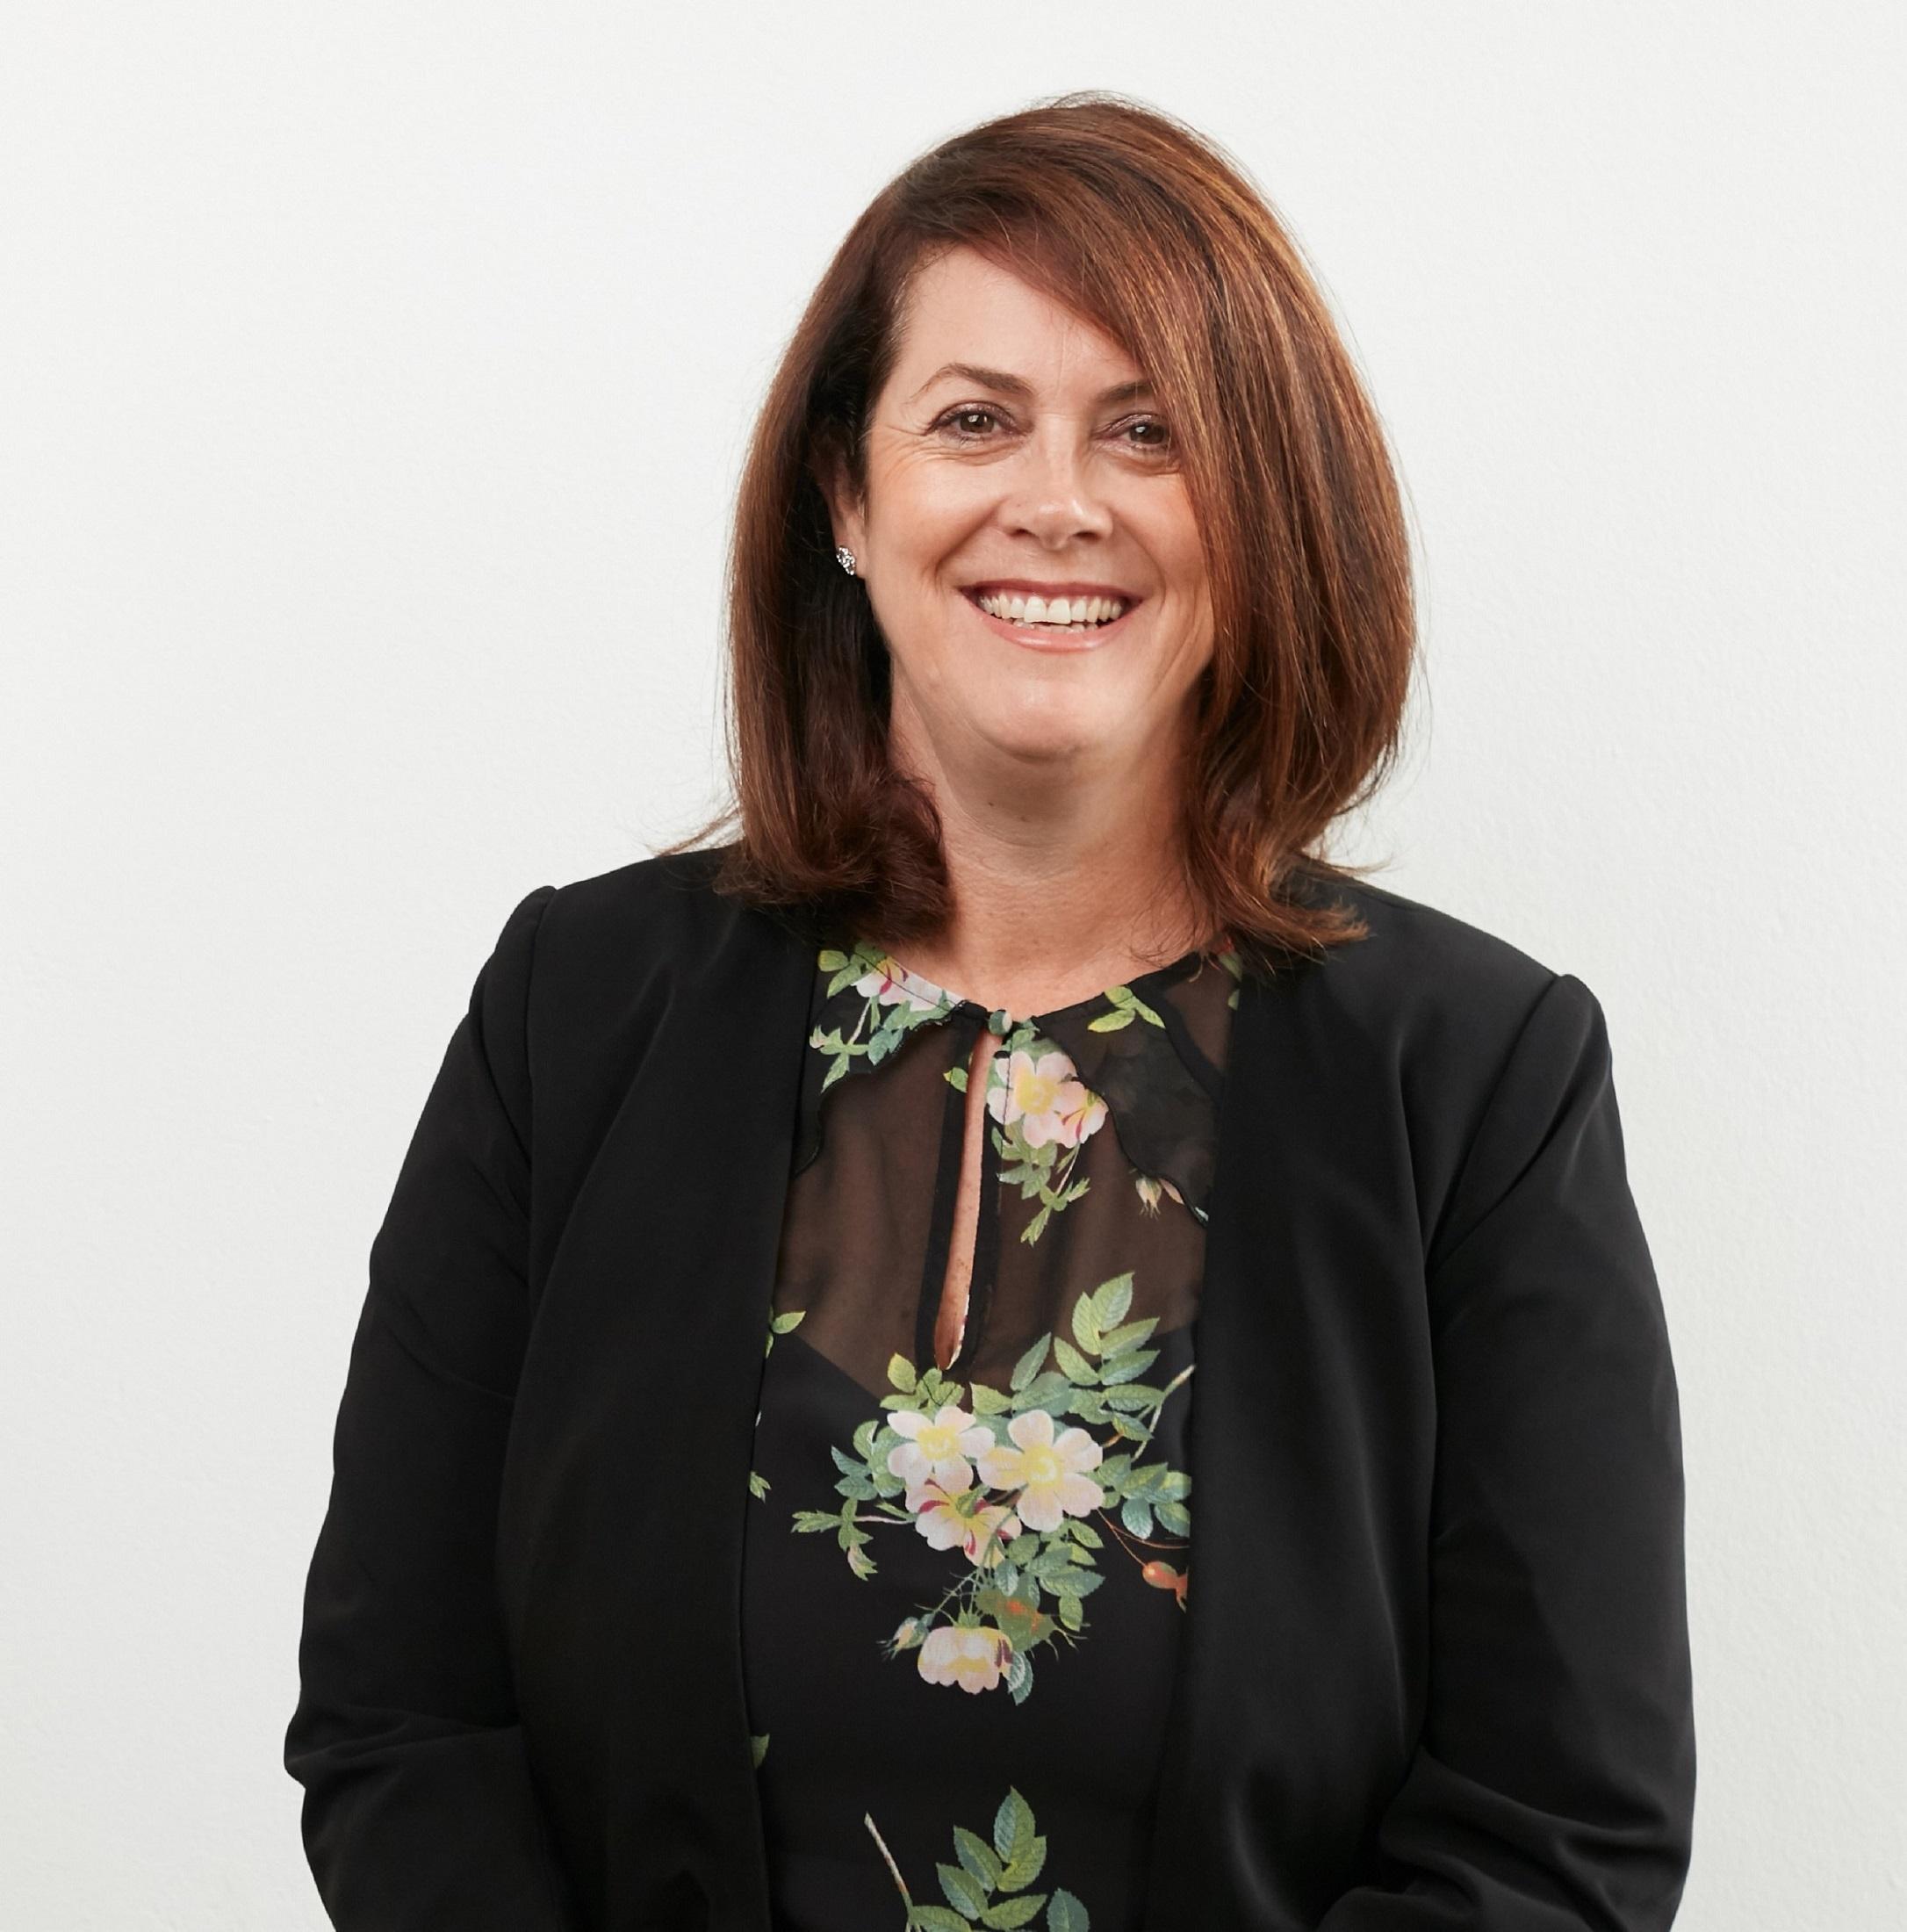 Kellie Sharpley - General Manager - SydneyLinked In